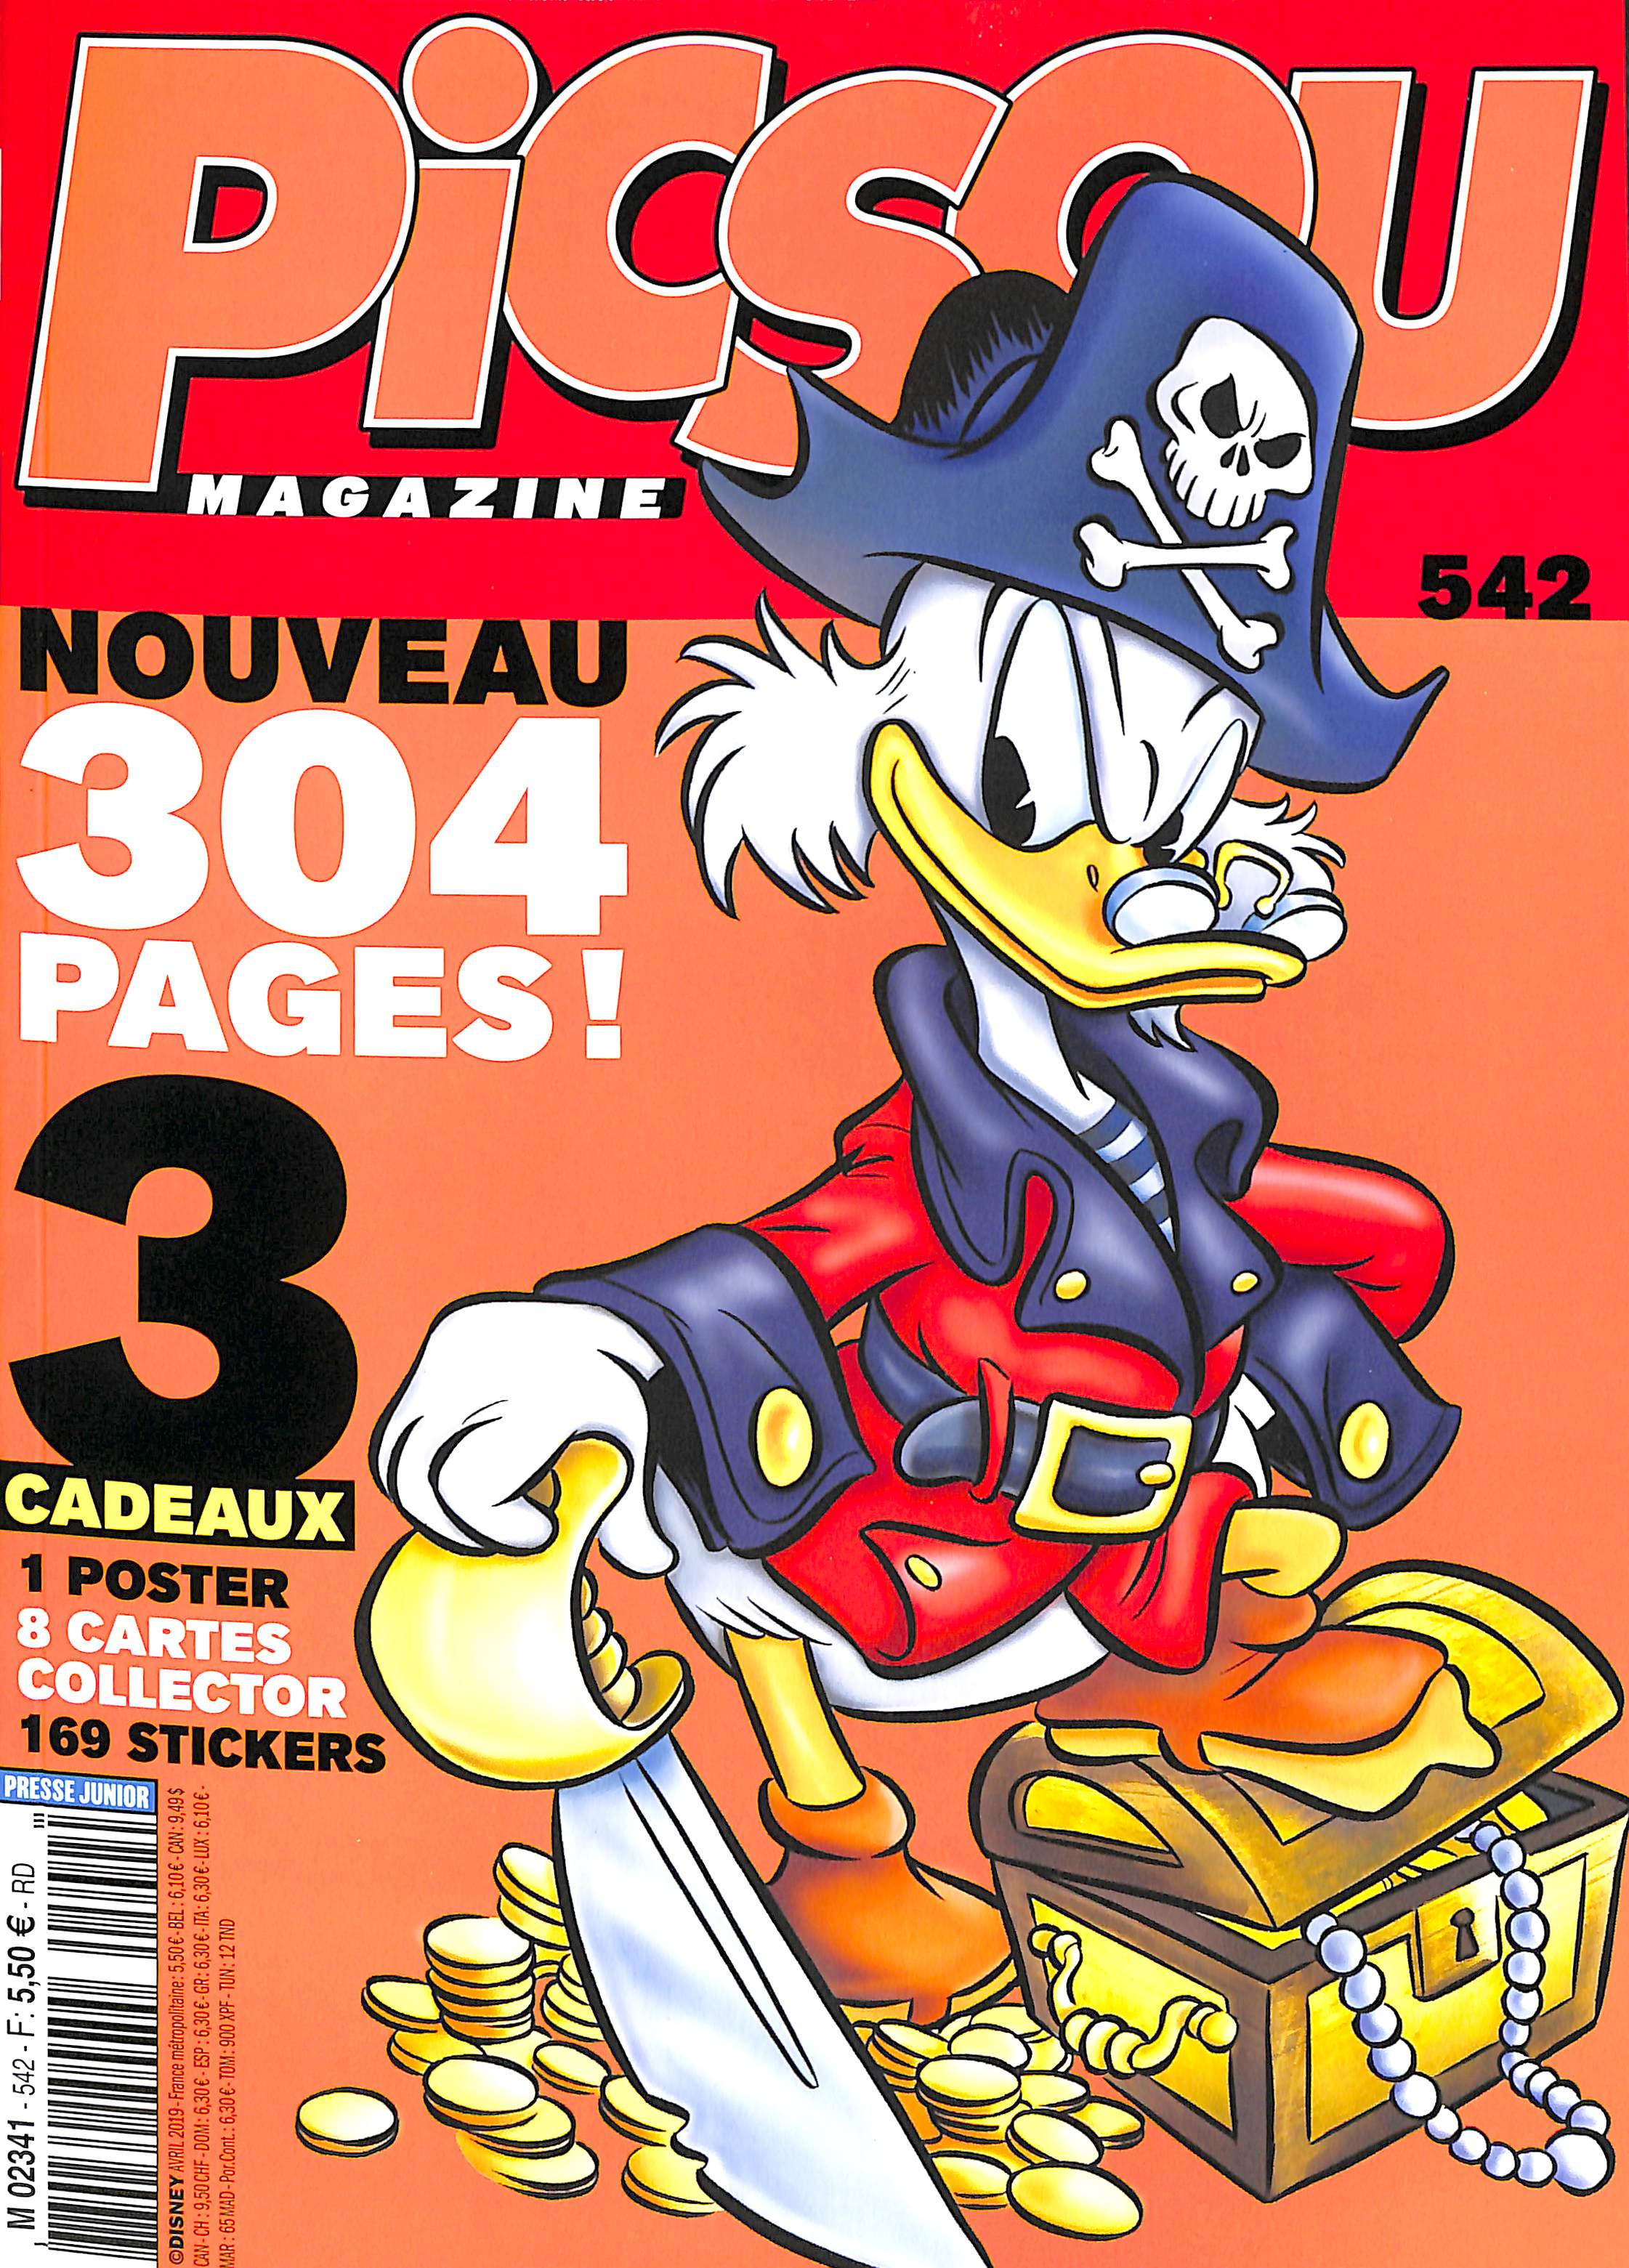 Picsou magazine N° 542 Avril 2019